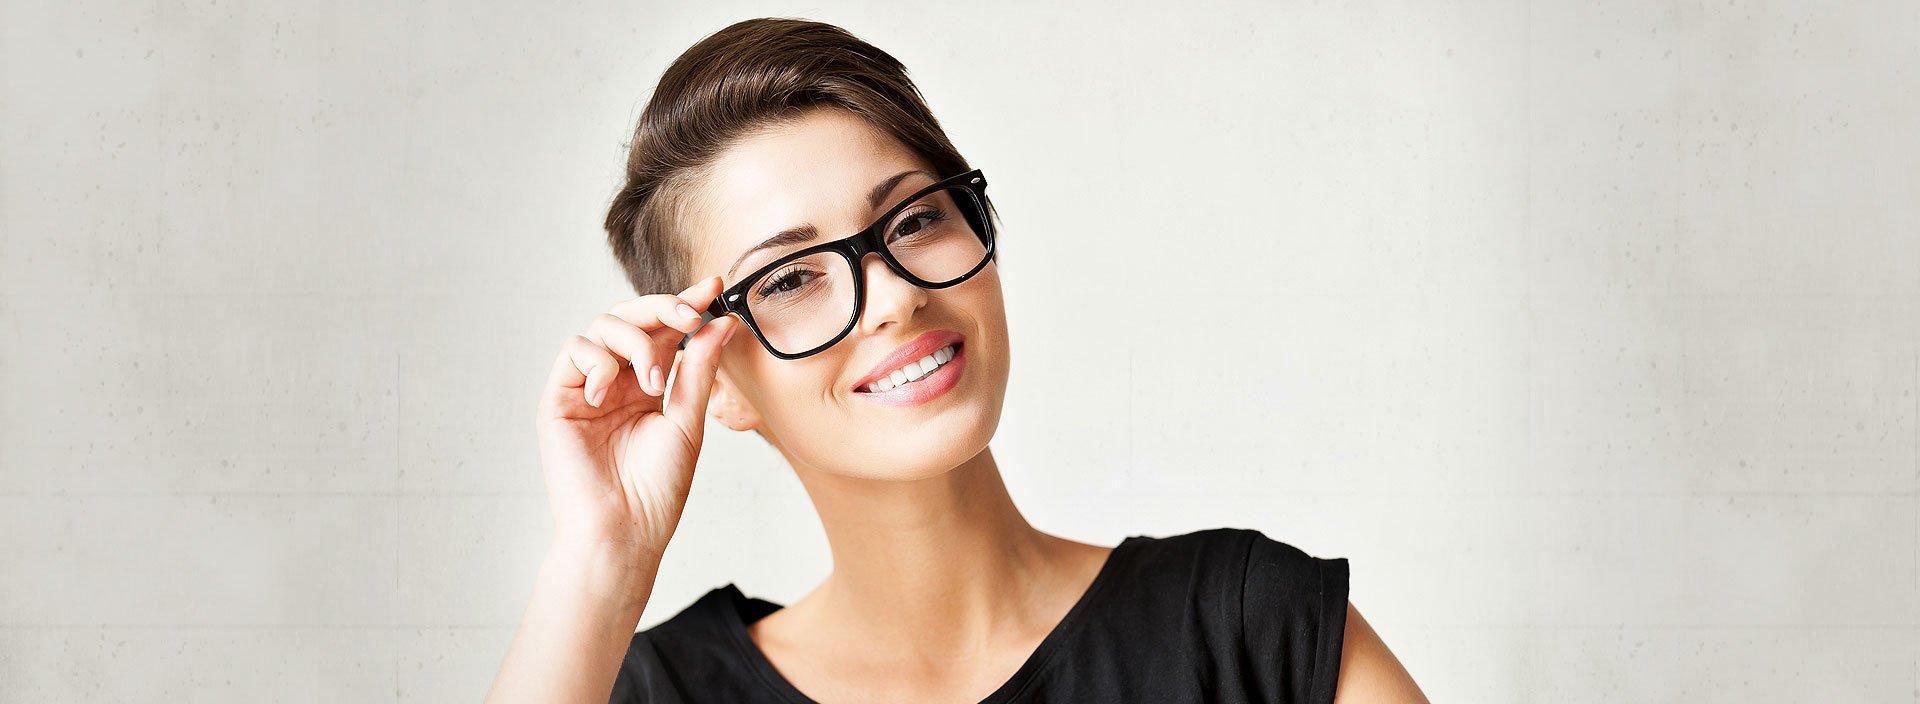 eye wear store